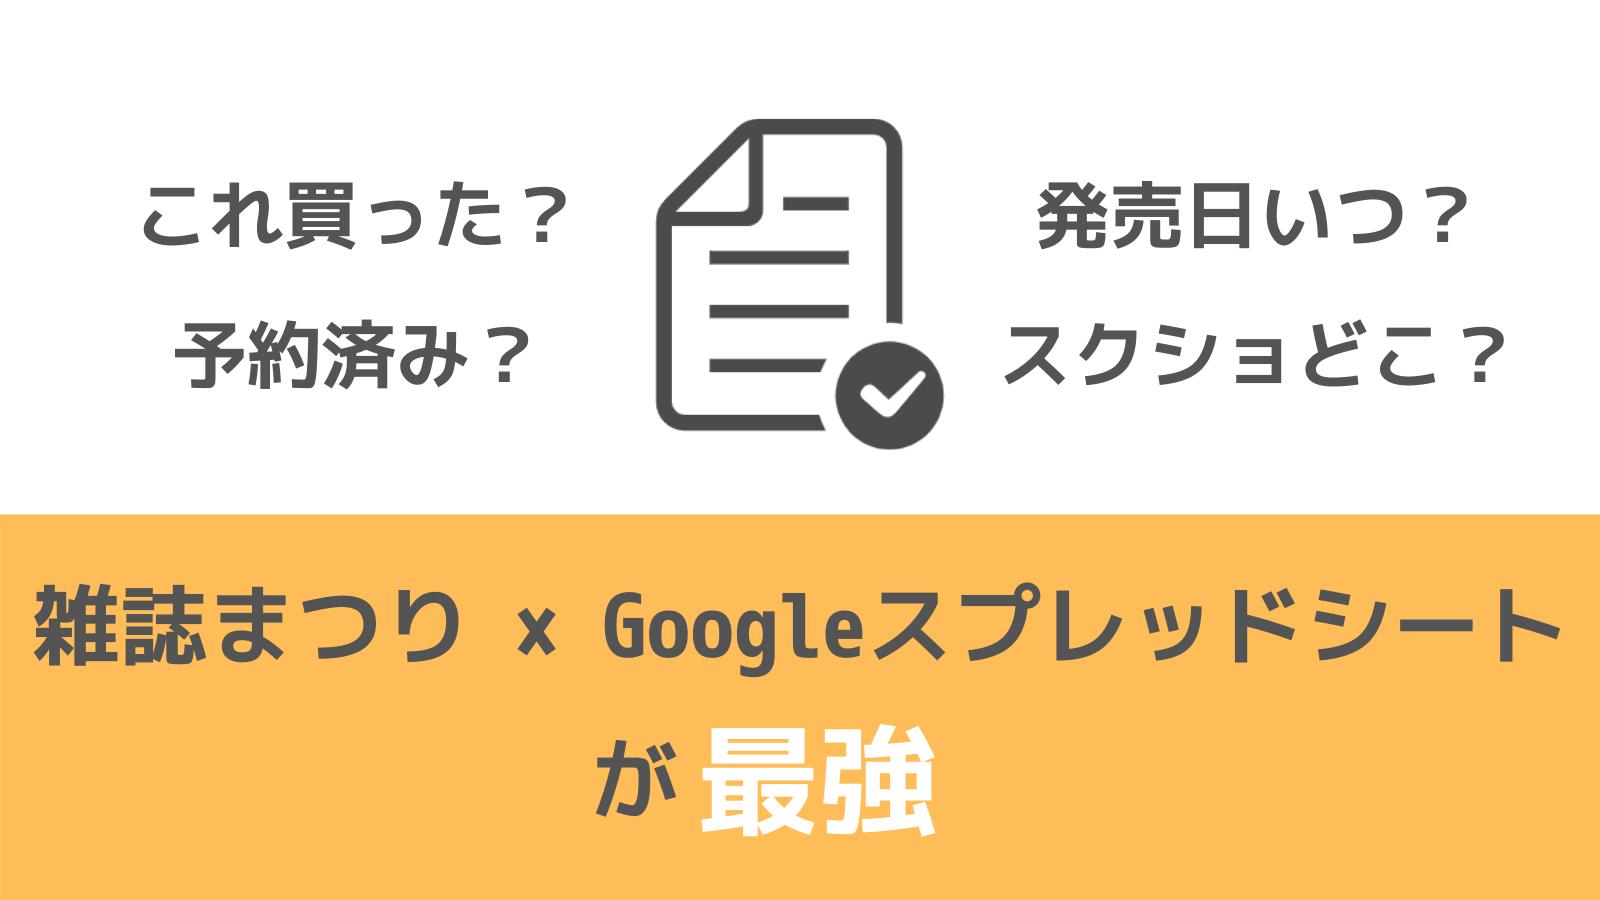 情報戦の雑誌まつりはGoogleスプレッドシートで情報を管理して乗り切ろう サムネイル